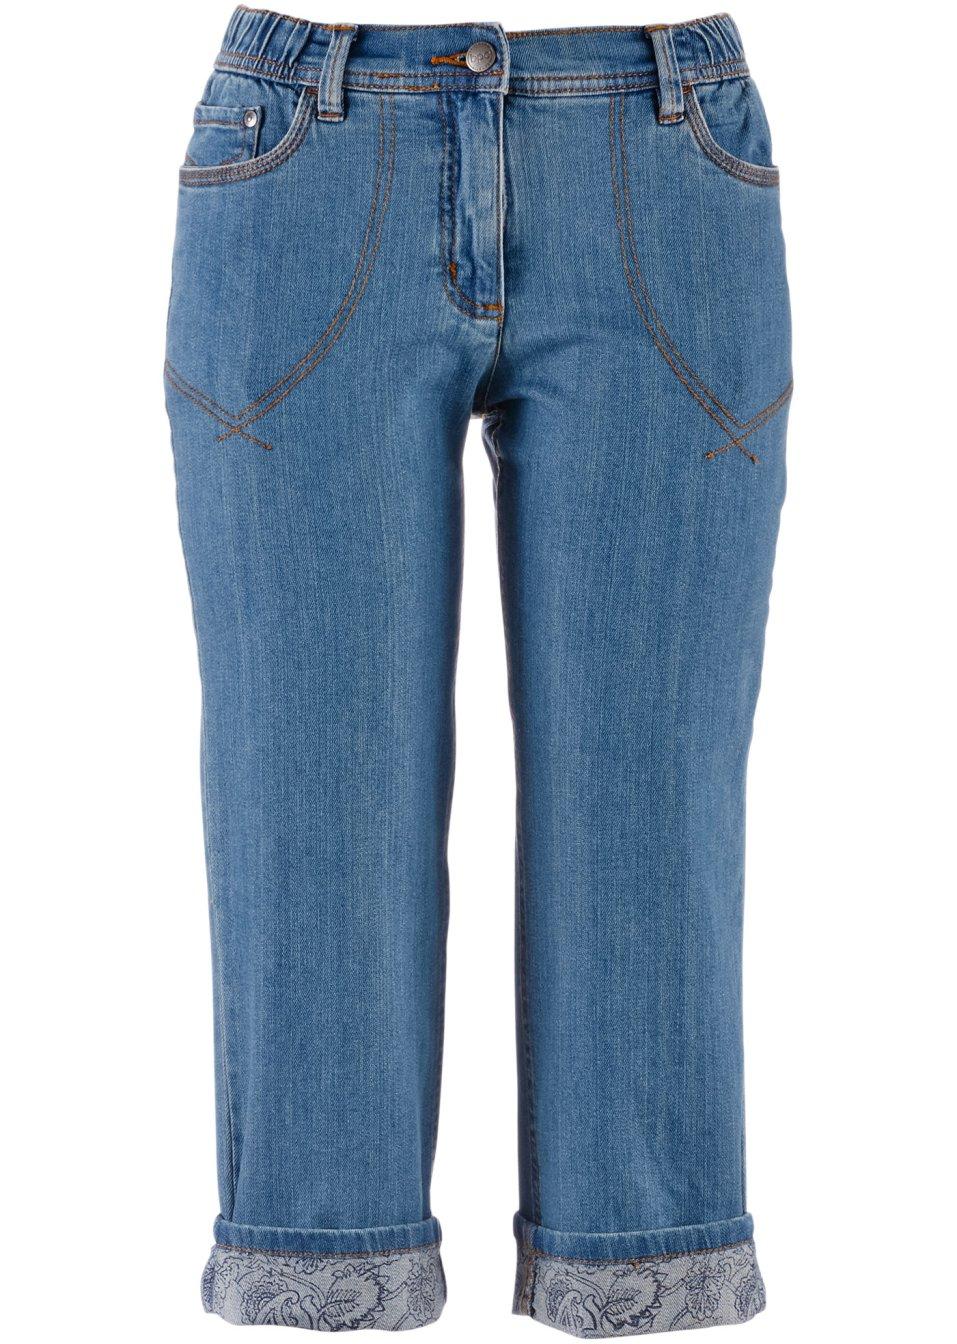 Attraktive Jeanshose mit Gürtelschlaufen und bedrucktem Umschlag - medium blue bleached g2kzr wPZFN